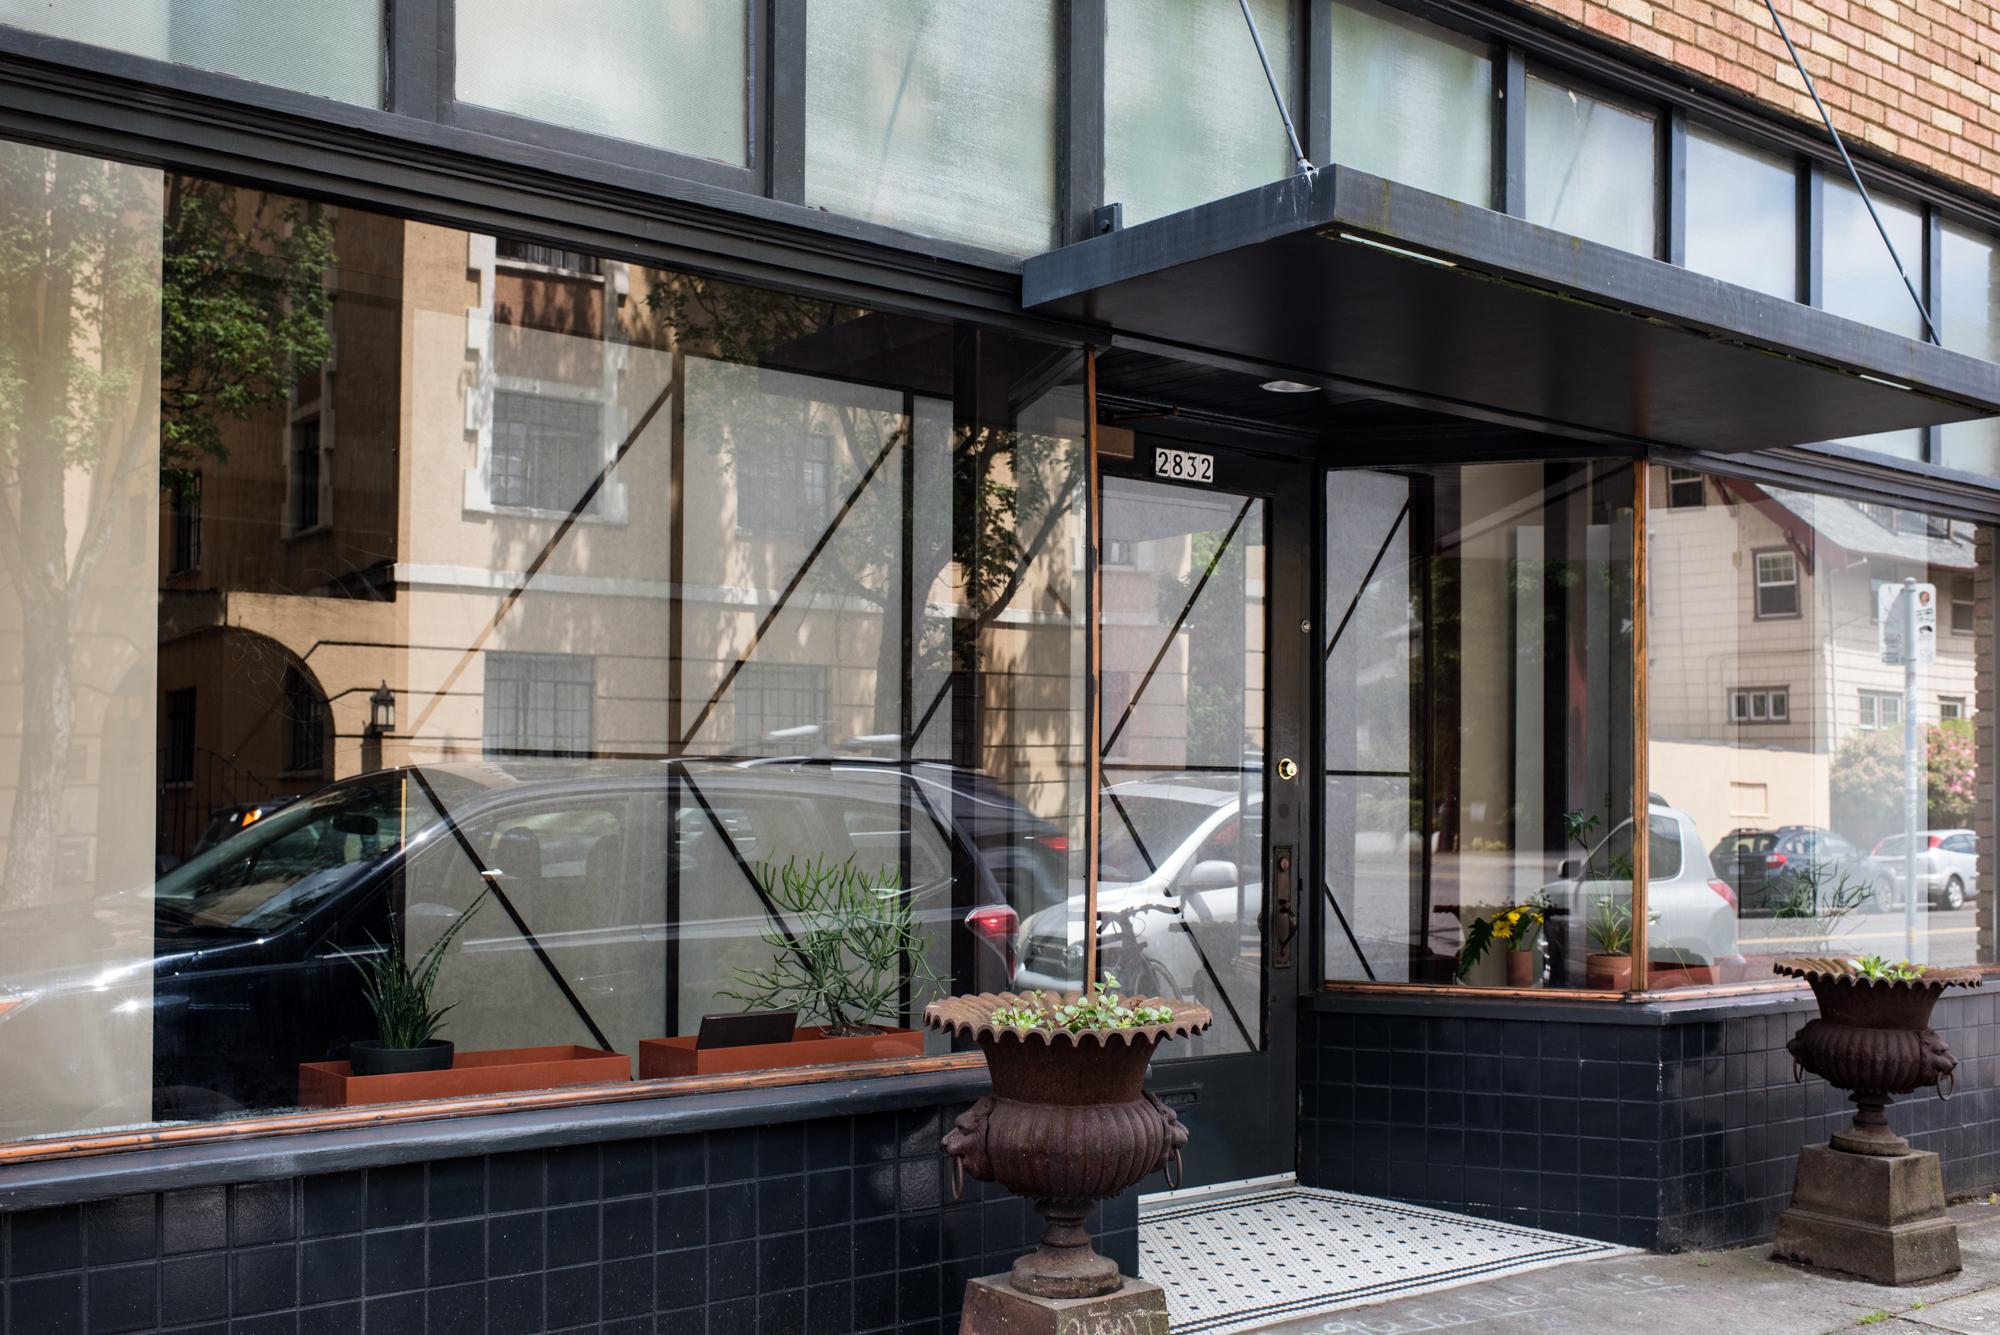 Peek Inside the New Nodoguro, A Modern, Japanese Dining Den - Eater ...